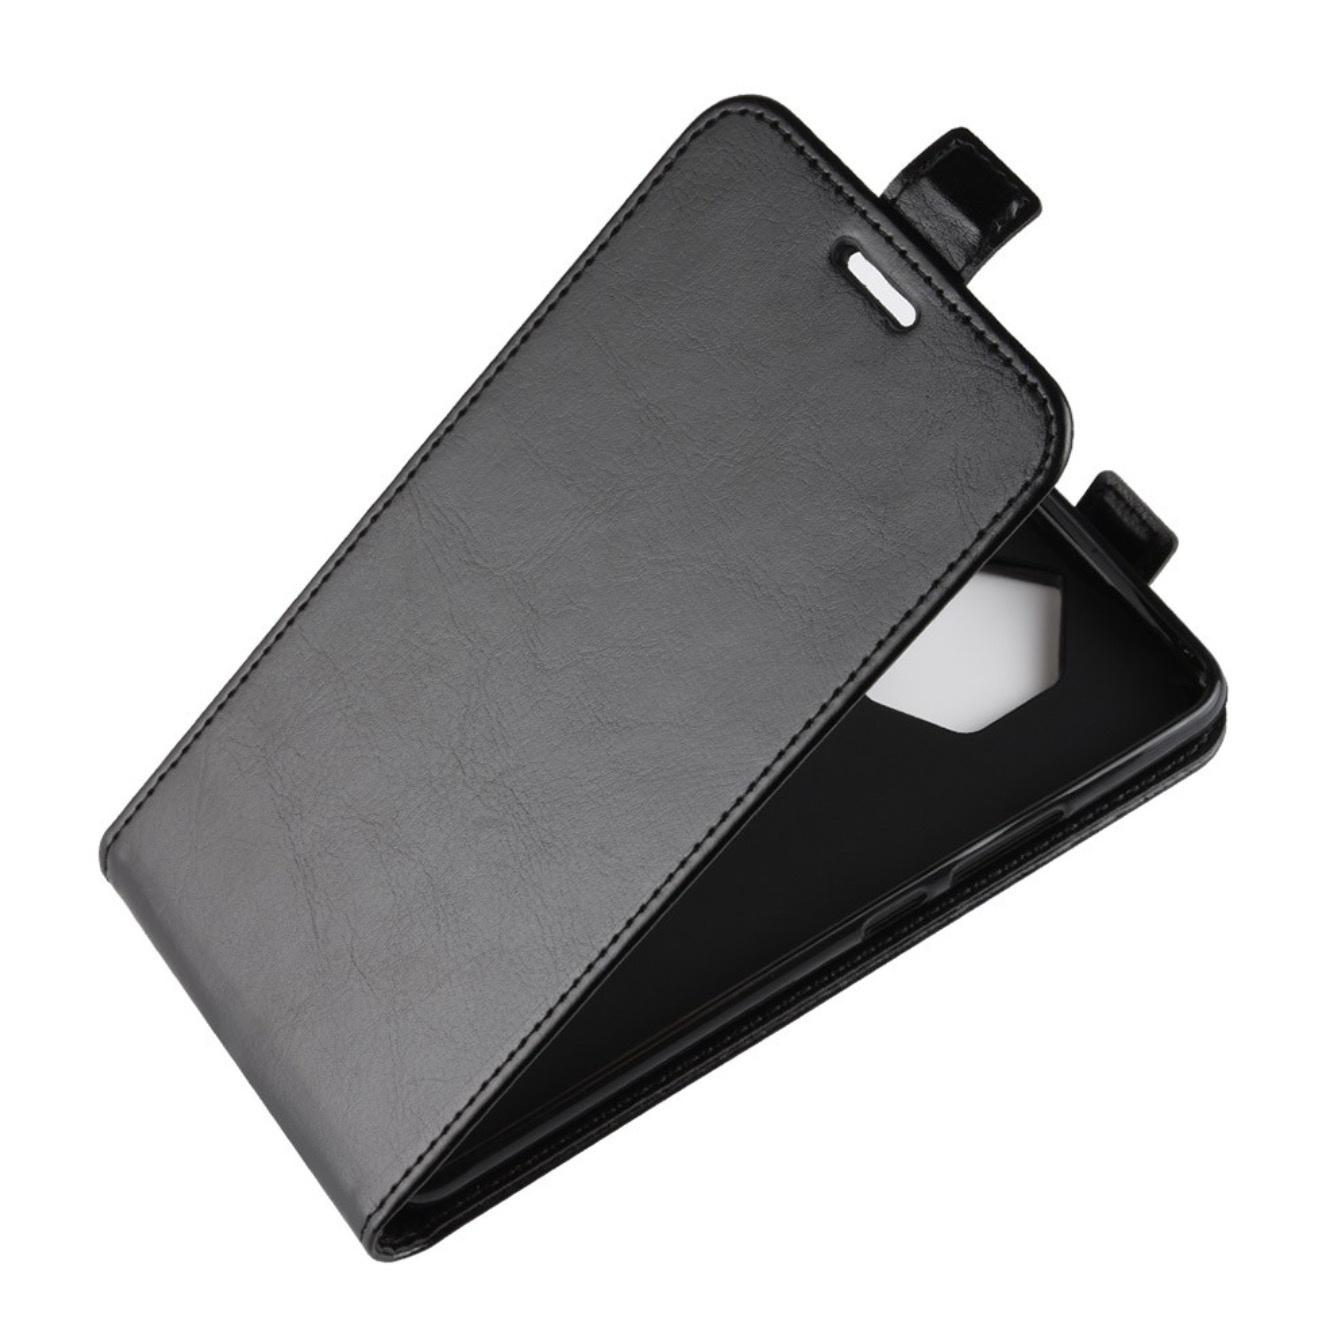 Чехол-флип MyPads для Philips Xenium V787 вертикальный откидной черный